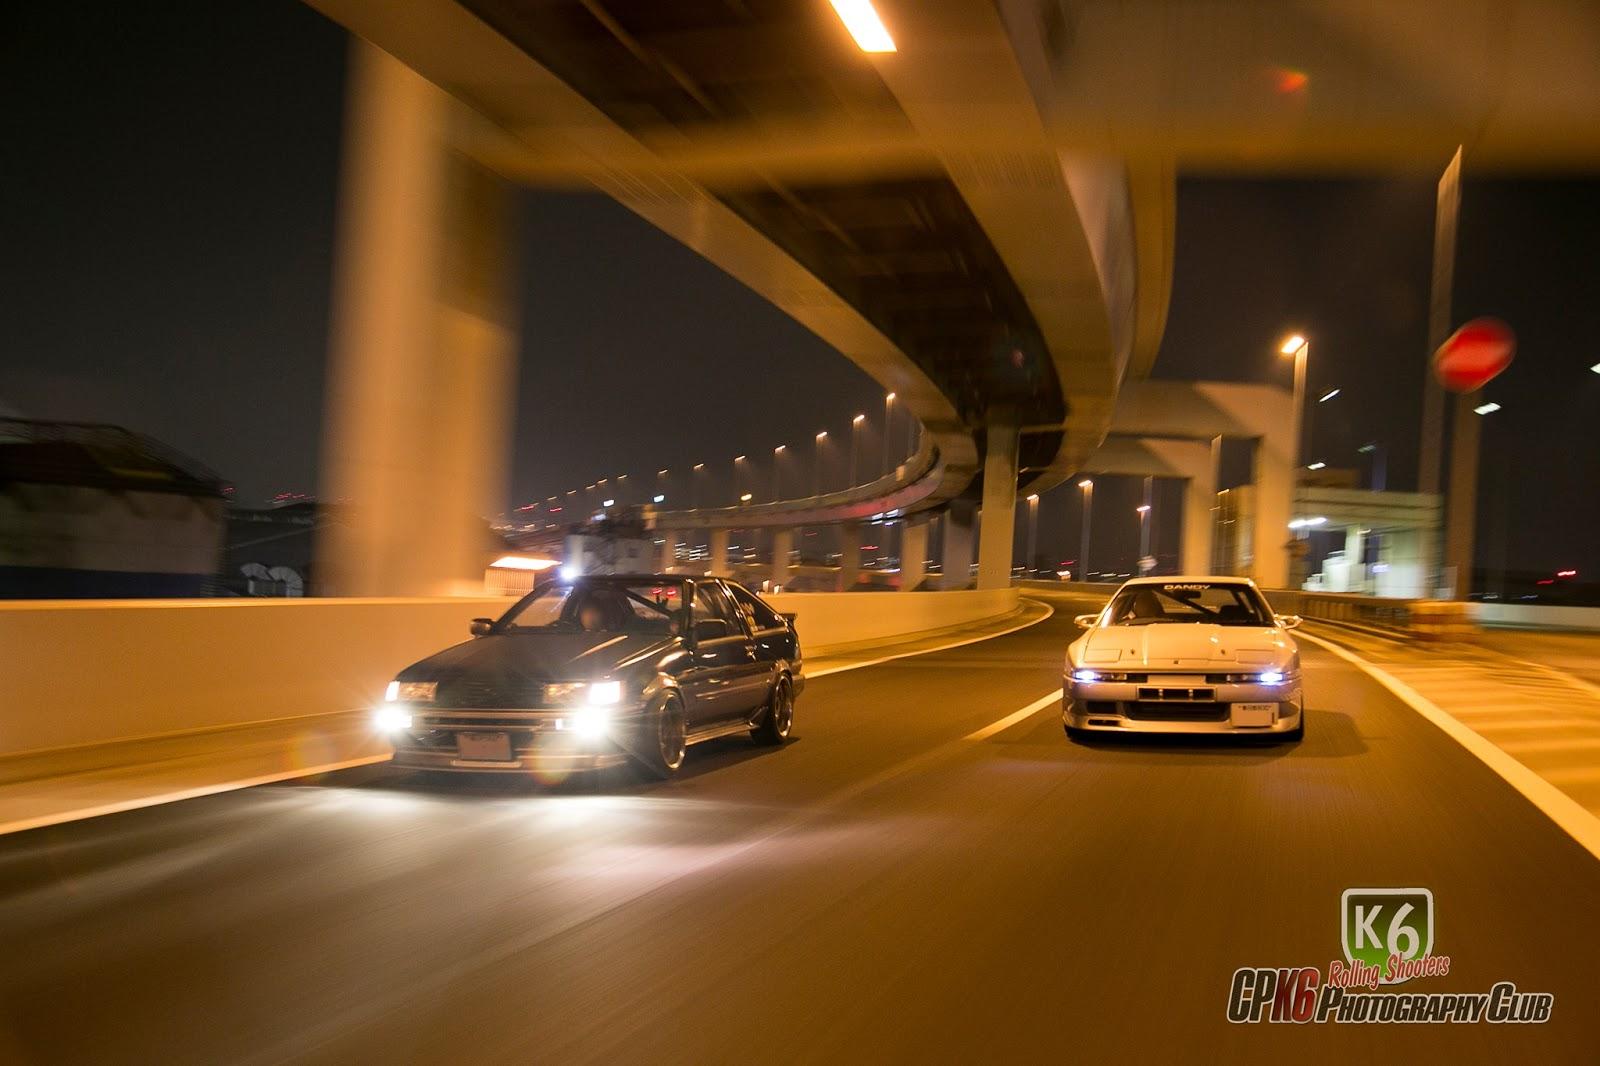 Toyota Corolla Levin AE86, Toyota Supra A70, samochód z dusza, kultowy, pasja, tuning, nocna jazda, Japonia, JDM, nocne zdjęcia